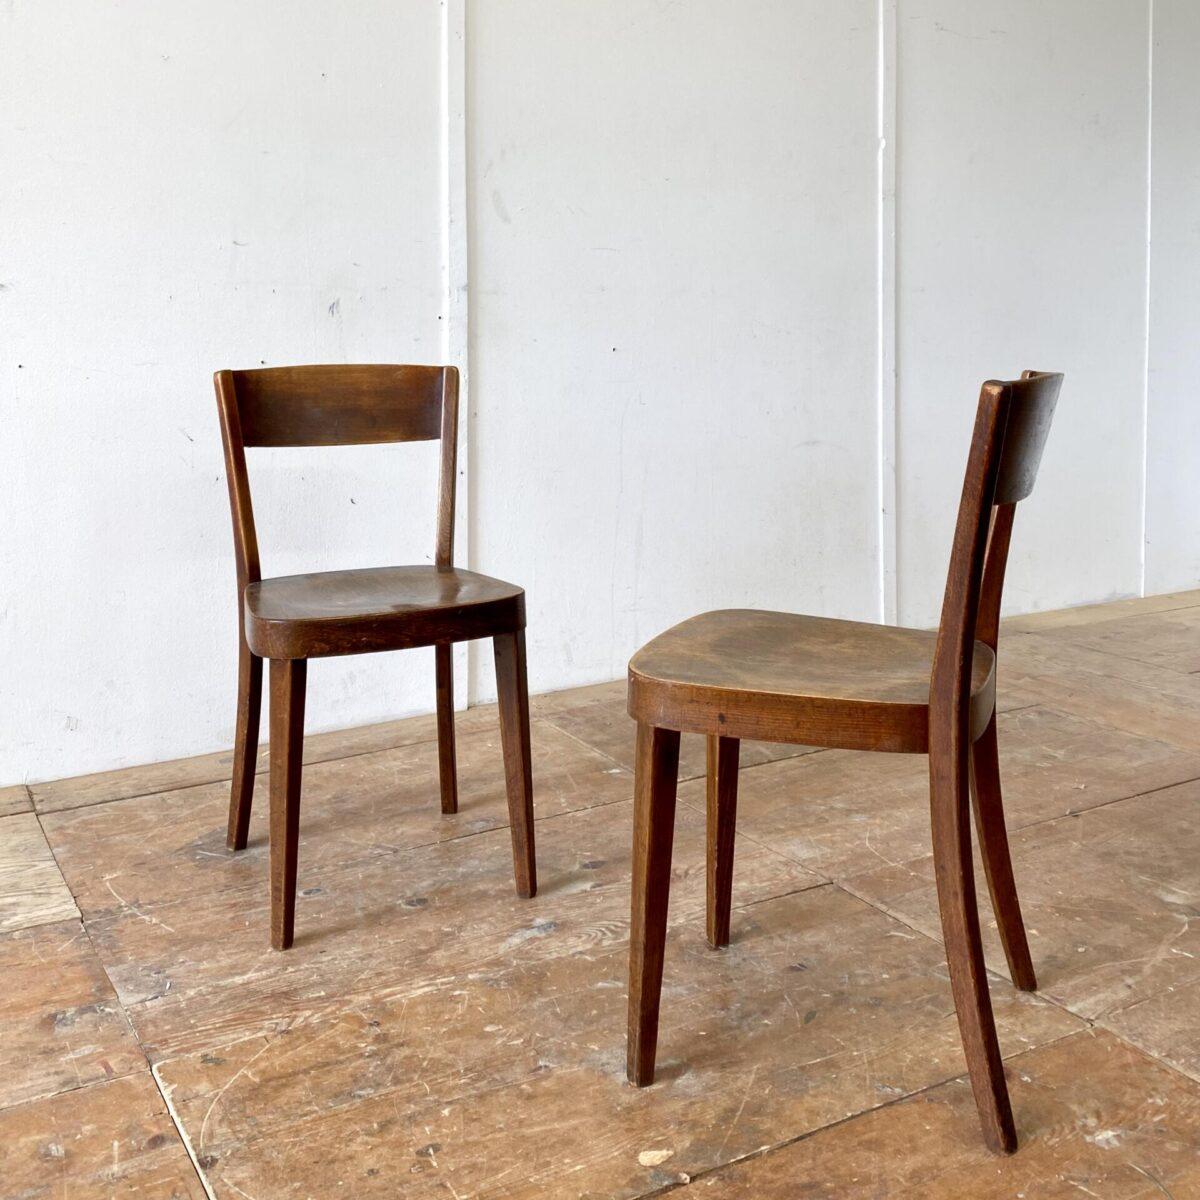 Deuxieme.shop horgenglaruschairs Holzstühle Esszimmer Stühle. 2er Set dunkelbraune Beizenstühle mit Alterspatina. Die Stühle sind leicht überarbeitet und in stabilem Zustand, Hersteller unbekannt. Preis fürs Set.